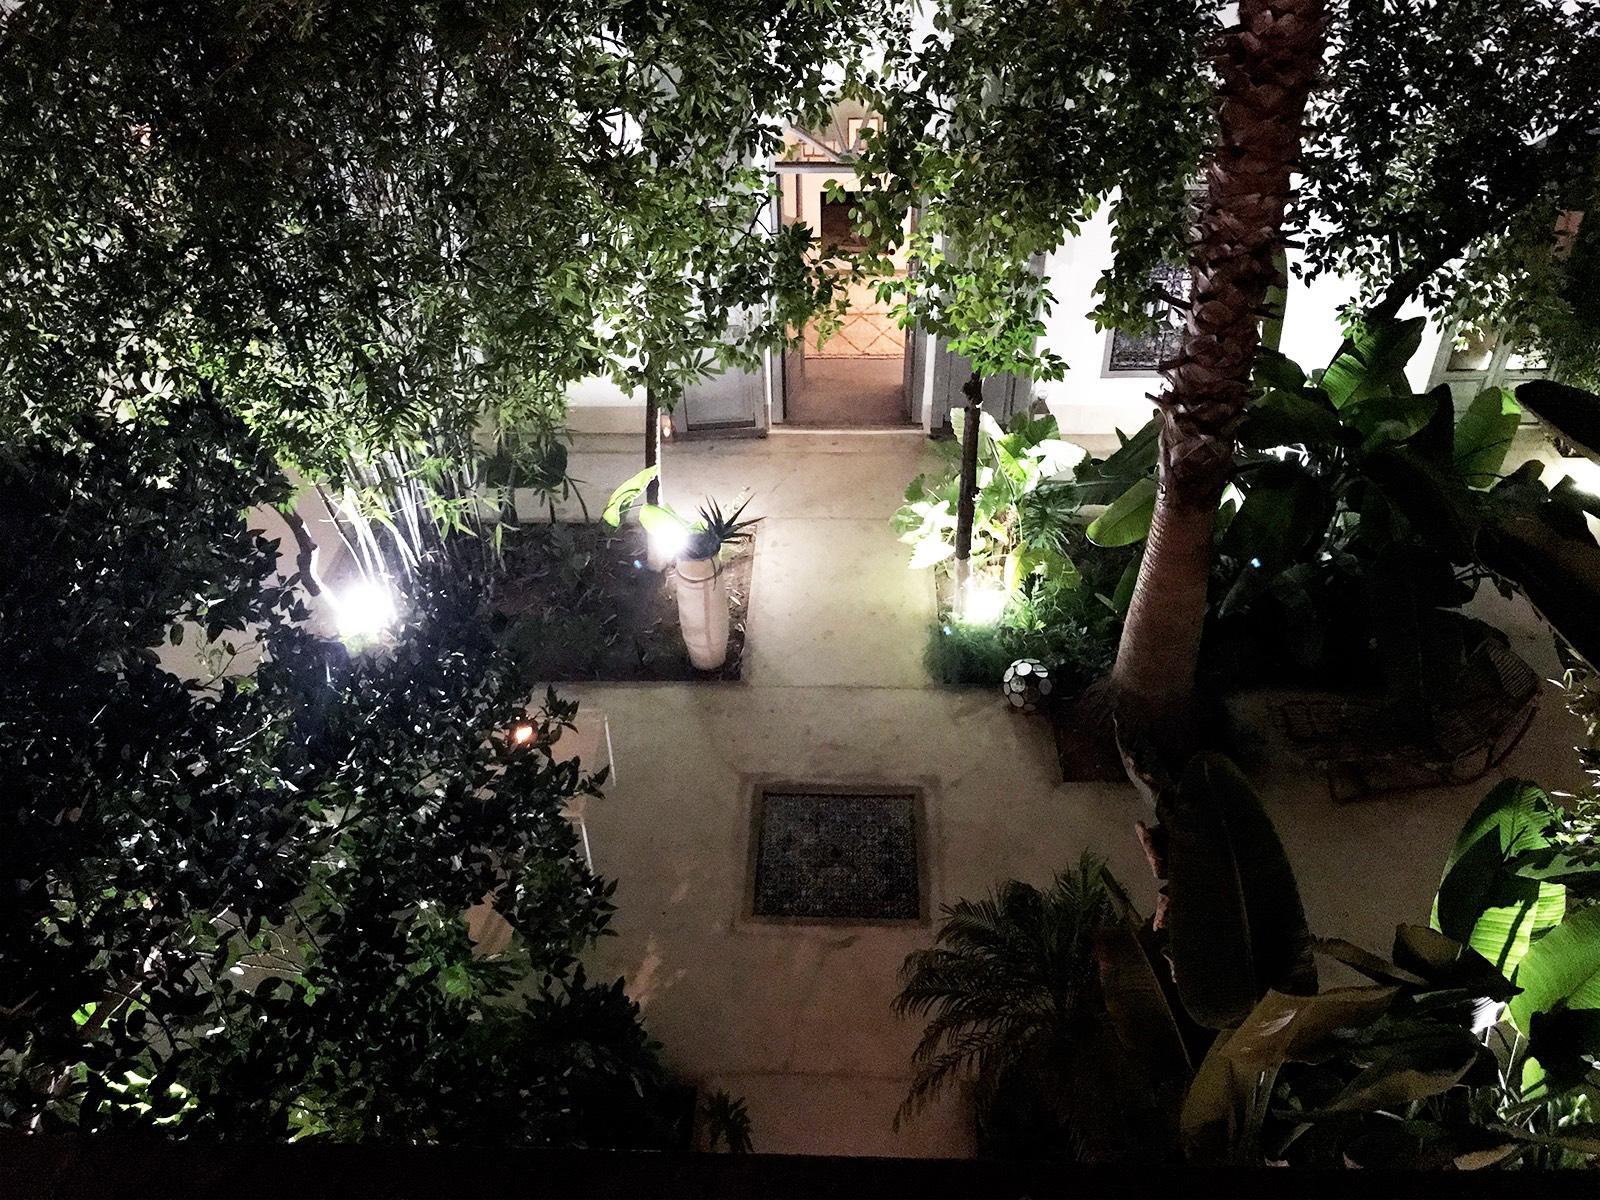 Marrakech-Riad-Mena-courtyard.jpg